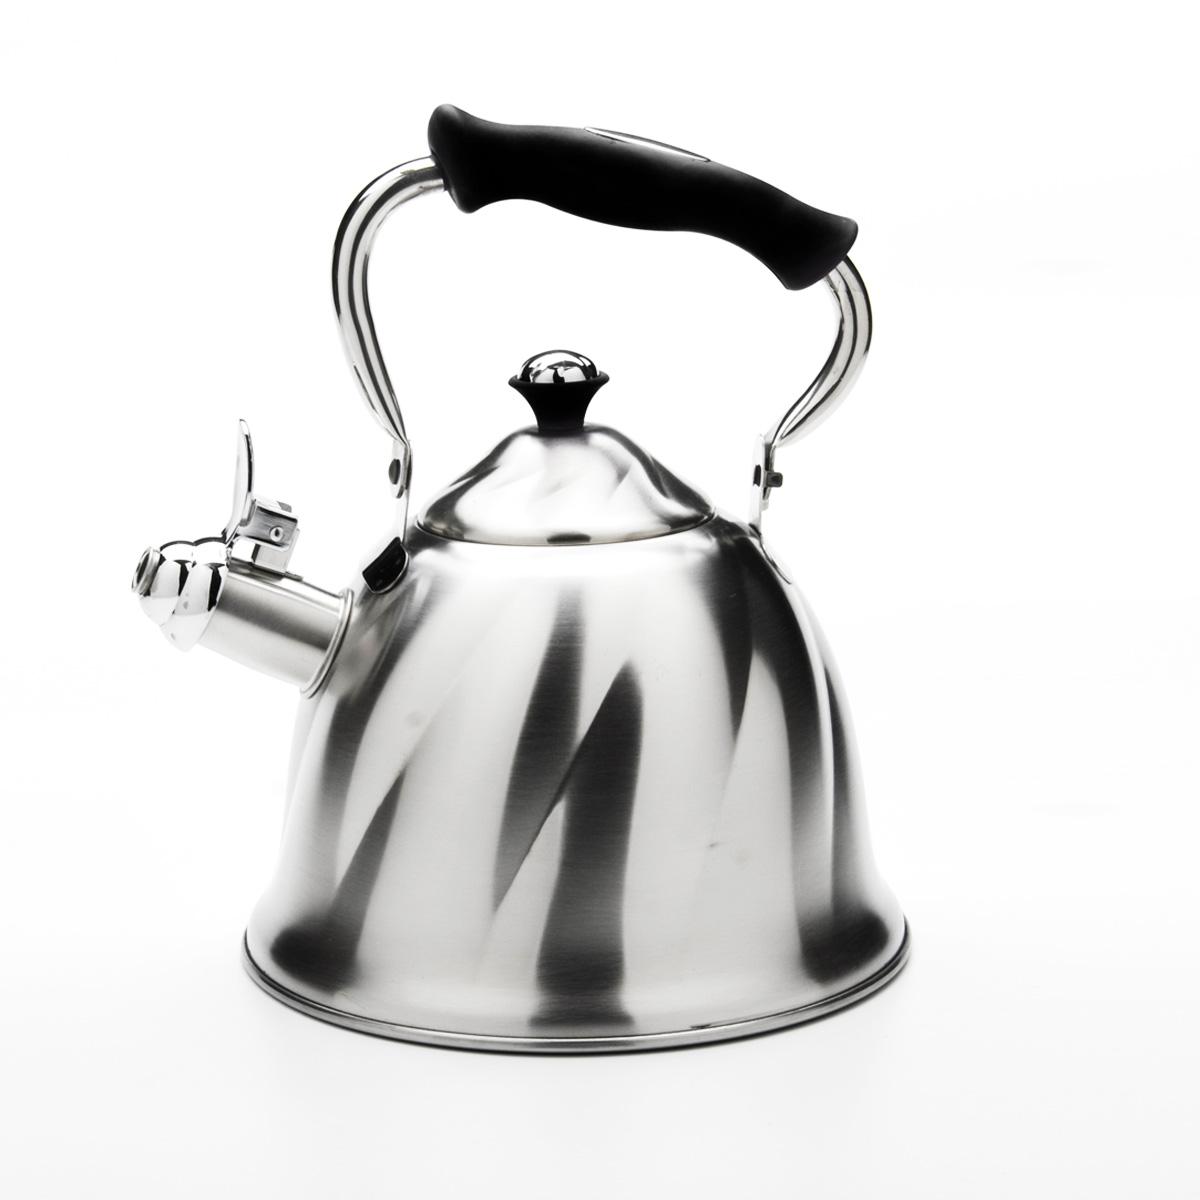 Чайник Mayer & Boch со свистком, цвет: черный, 3 л. 23773115510Чайник Mayer & Boch выполнен из высококачественной нержавеющей стали, что обеспечивает долговечность использования. Внешнее матовоепокрытие придает приятный внешний вид. Подвижная ручка из бакелита делает использование чайника очень удобным и безопасным. Чайник снабжен свистком и устройством для открывания носика. Можно мыть в посудомоечной машине. Пригоден для всех видов плит, кроме индукционных. Высота чайника (без учета крышки и ручки): 13 см.Диаметр основания: 21 см.